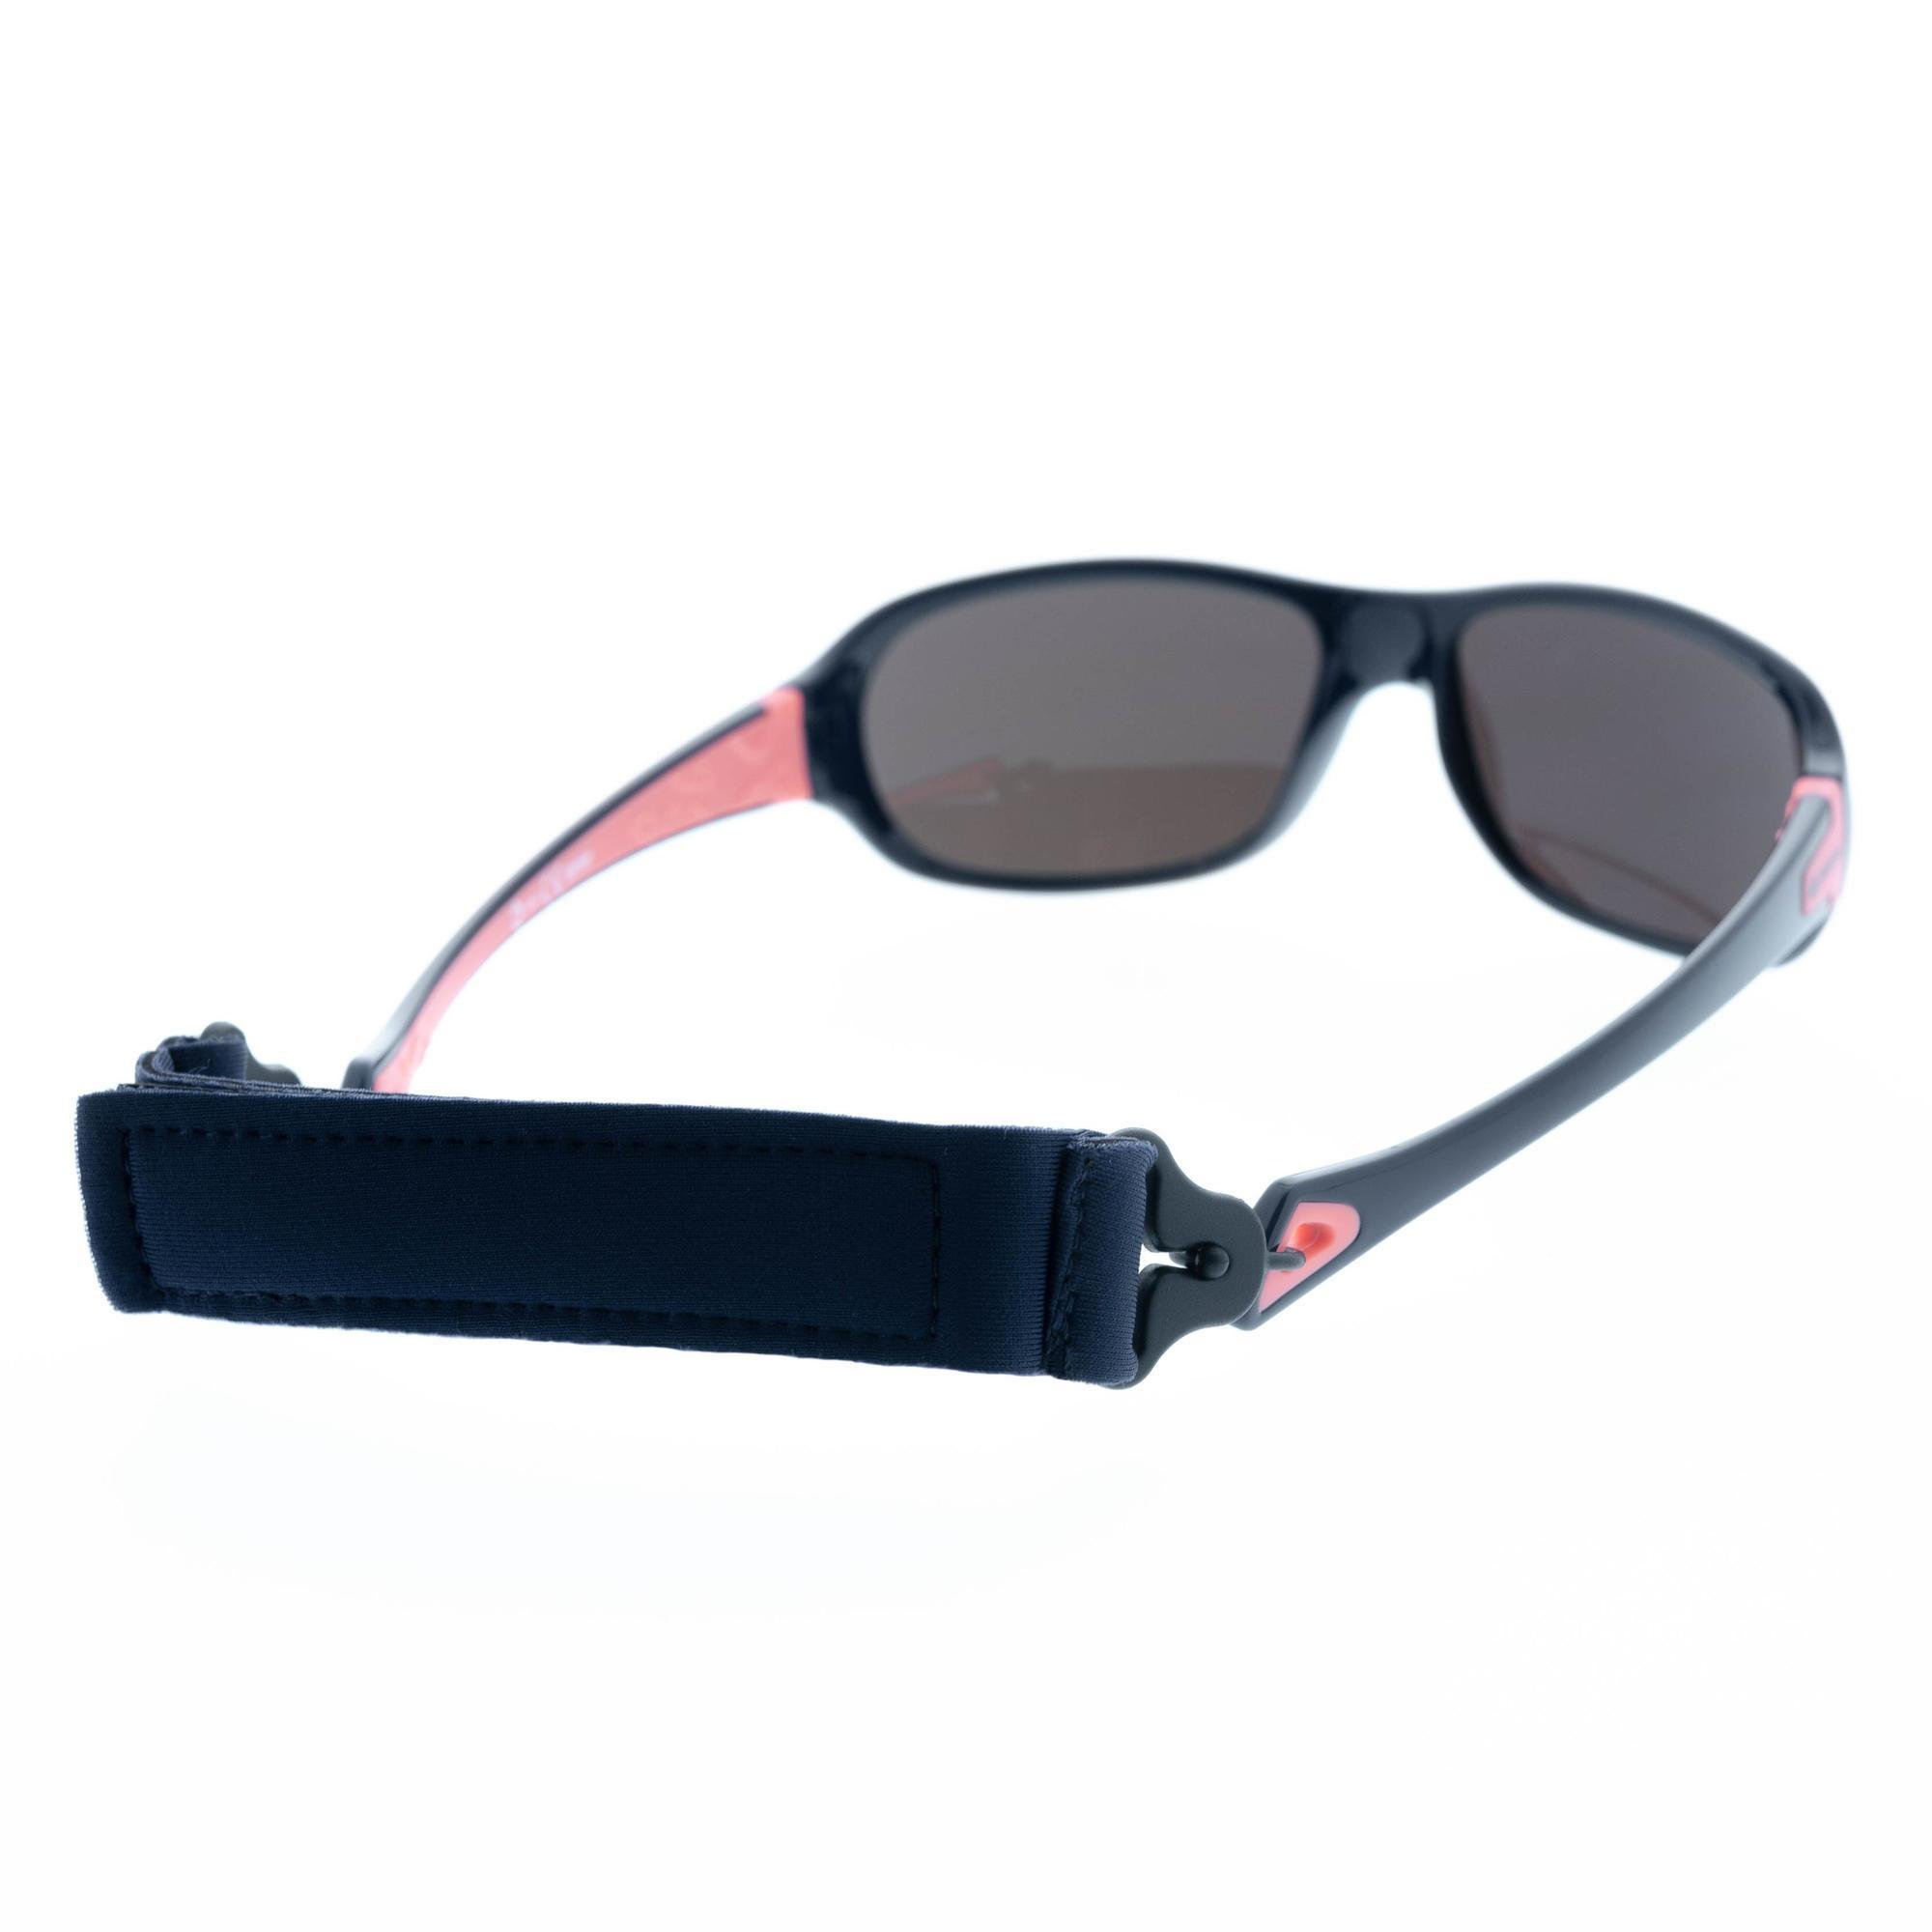 8ad9386432 Comprar Cordones y Fundas para Gafas Online | Decathlon